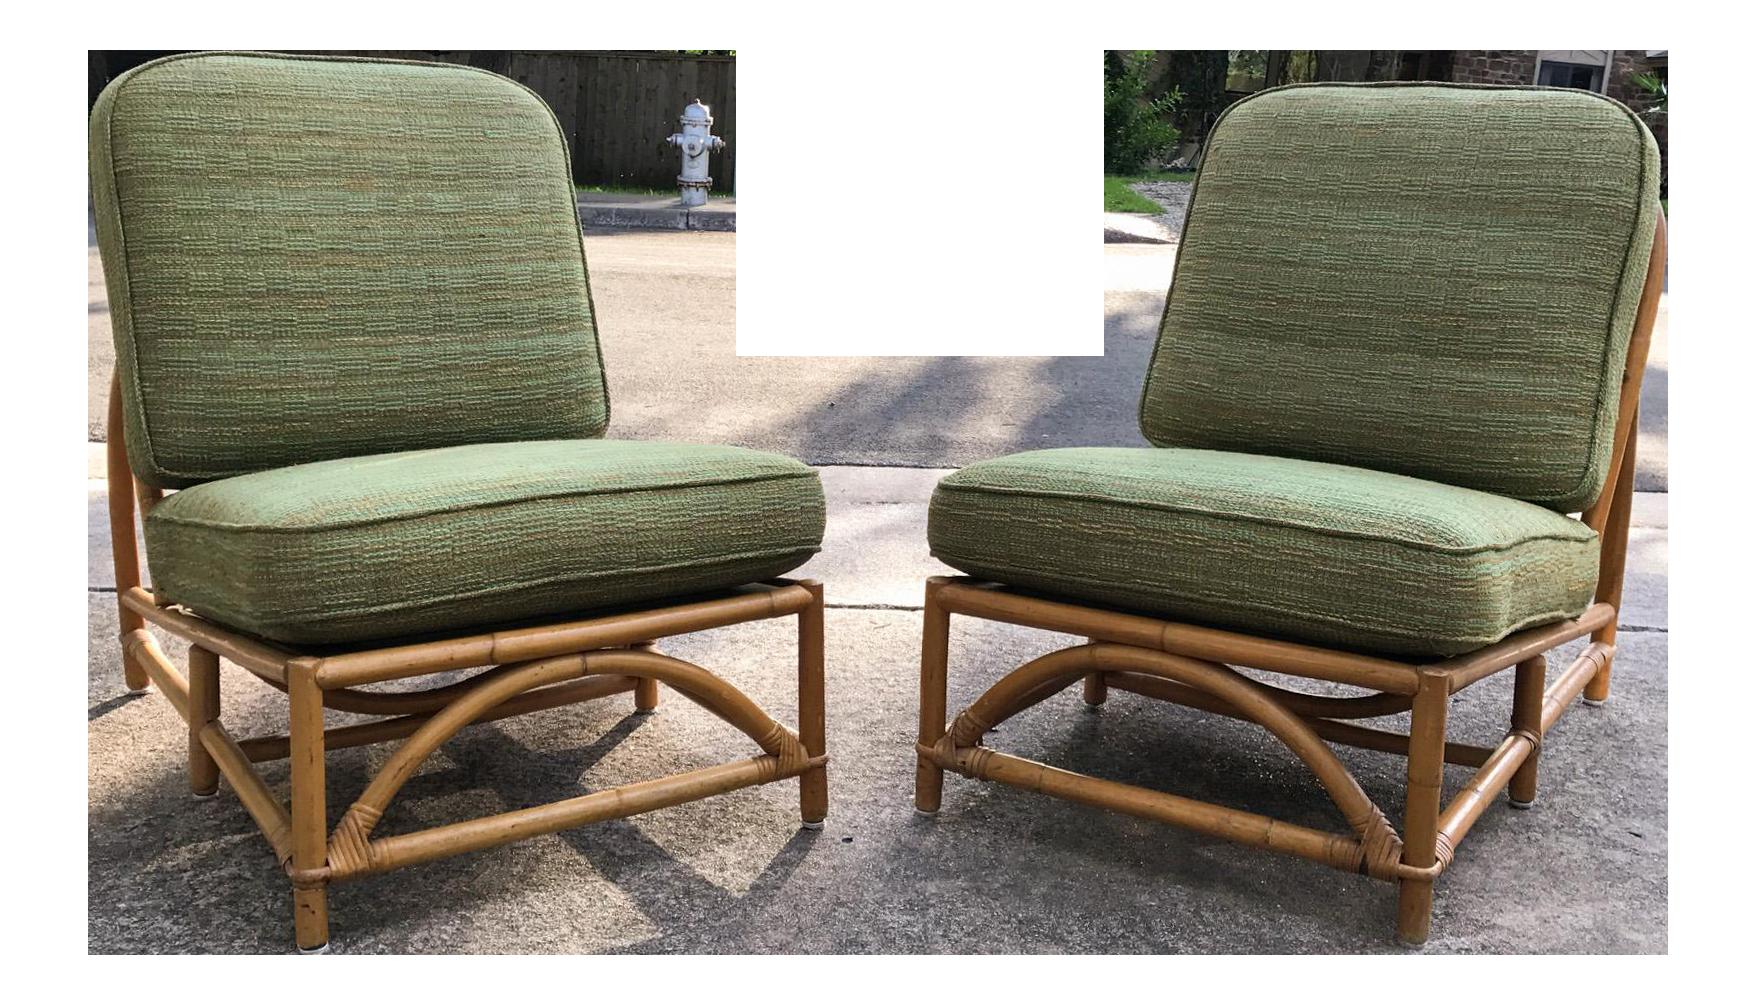 VintageUsed Mid Century Modern FurnitureChairish